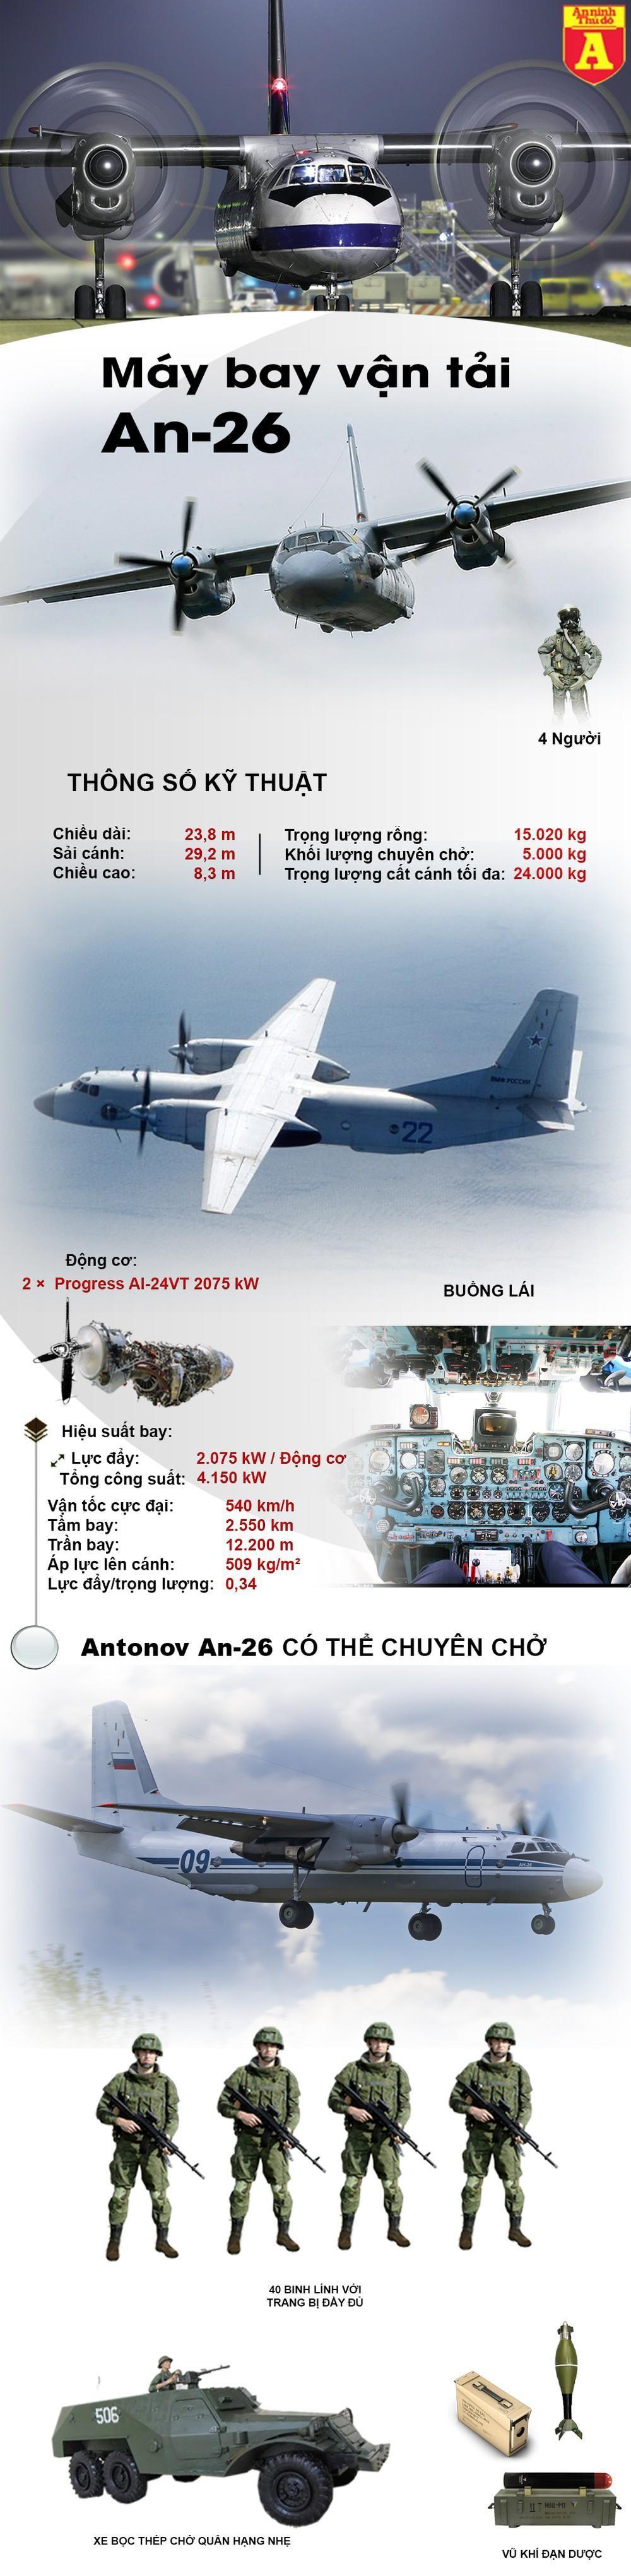 [Info] Máy bay An-26 Nga chở theo 29 người mất liên lạc, nghi lao xuống biển ảnh 2